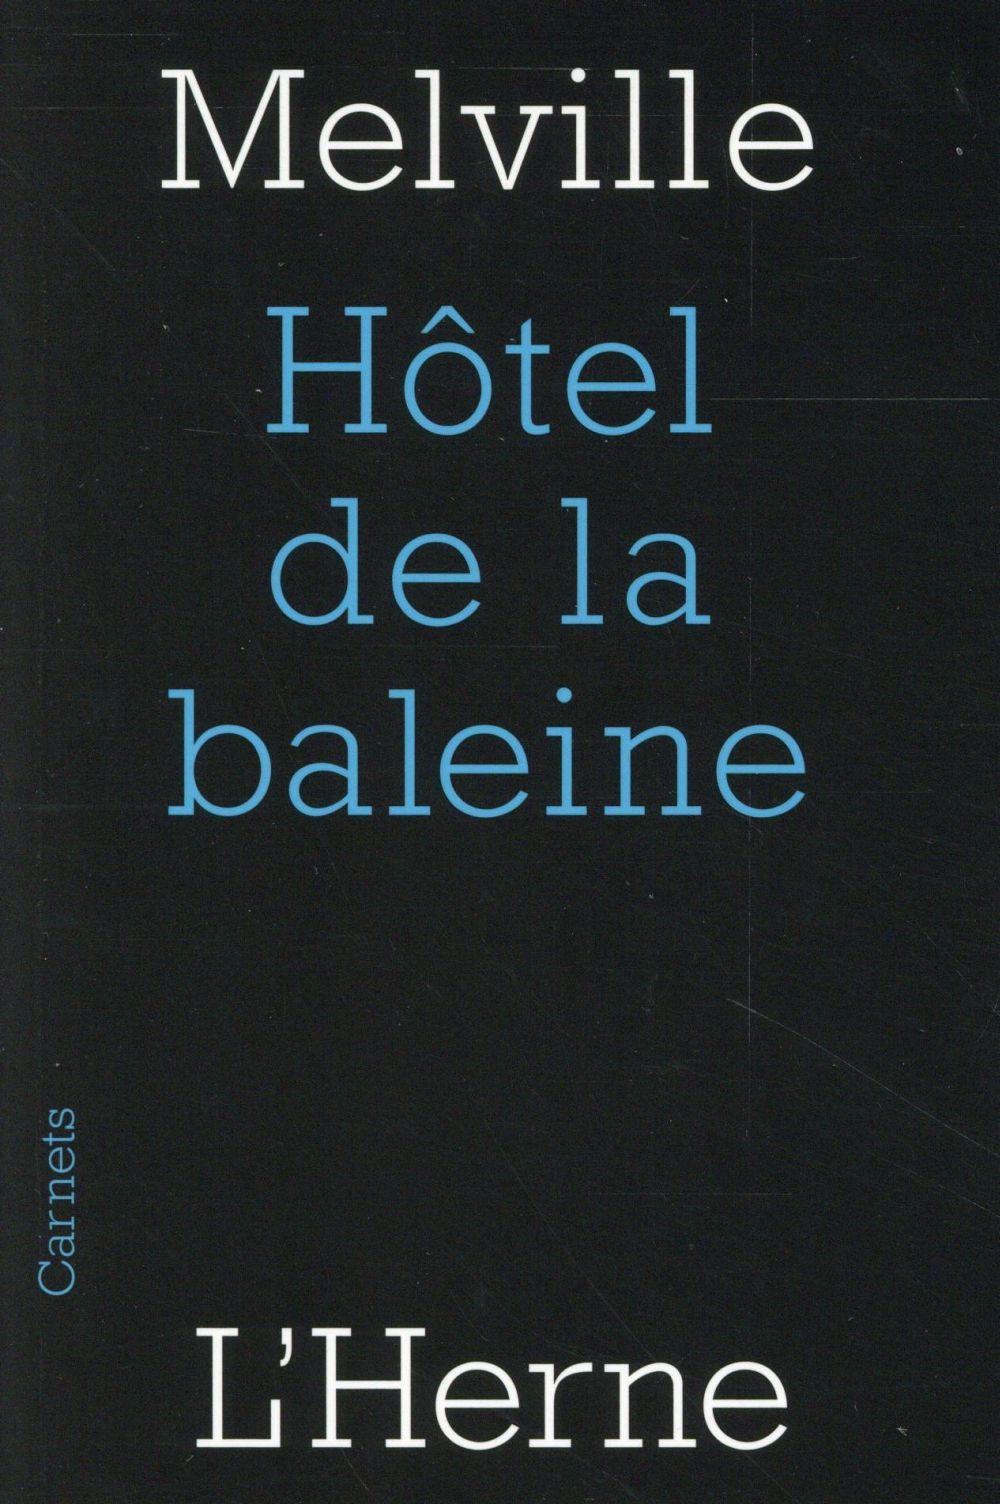 HOTEL DE LA BALEINE